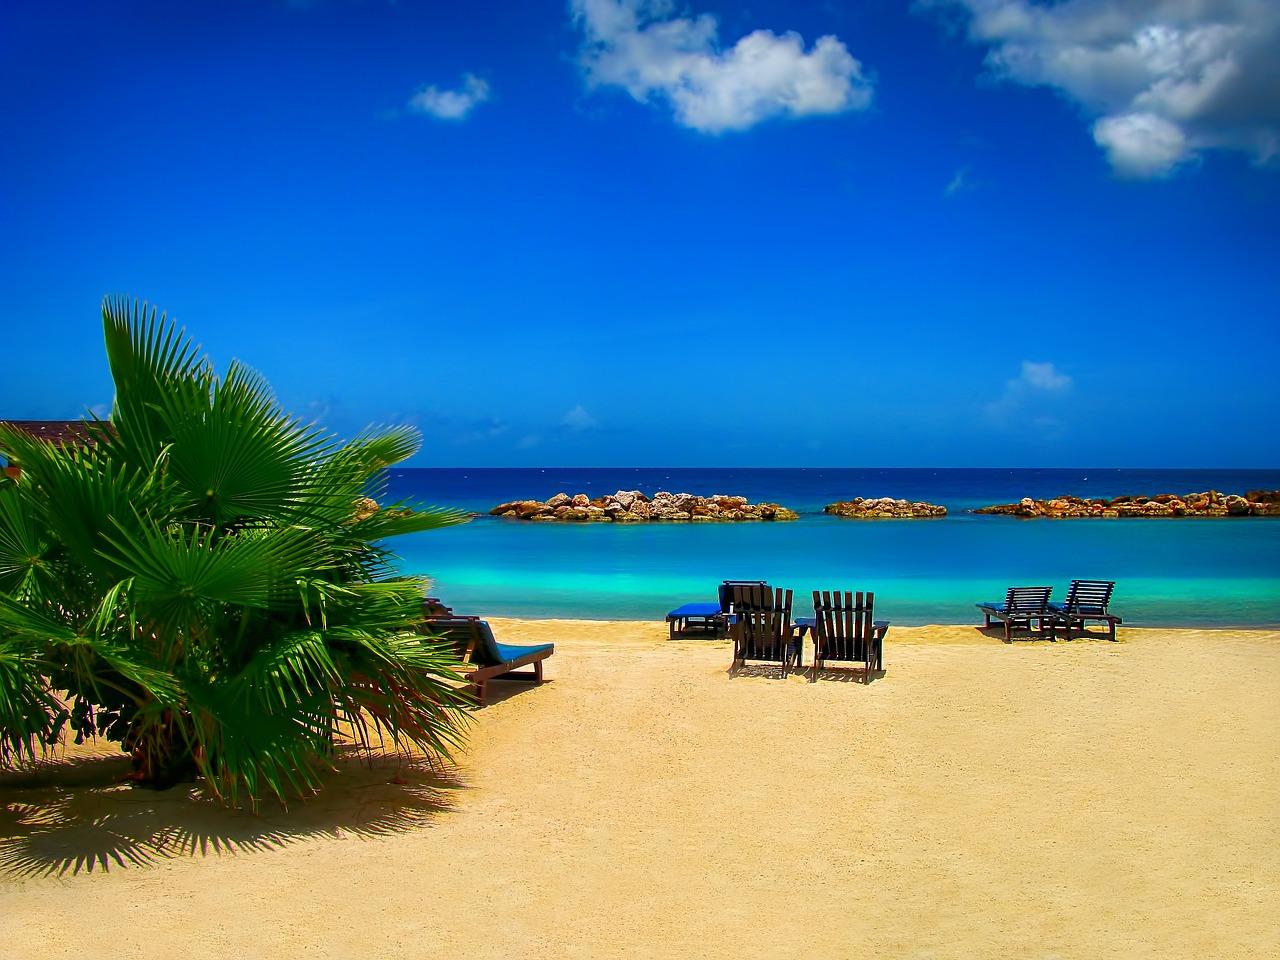 leżaki na plaży nad oceanem